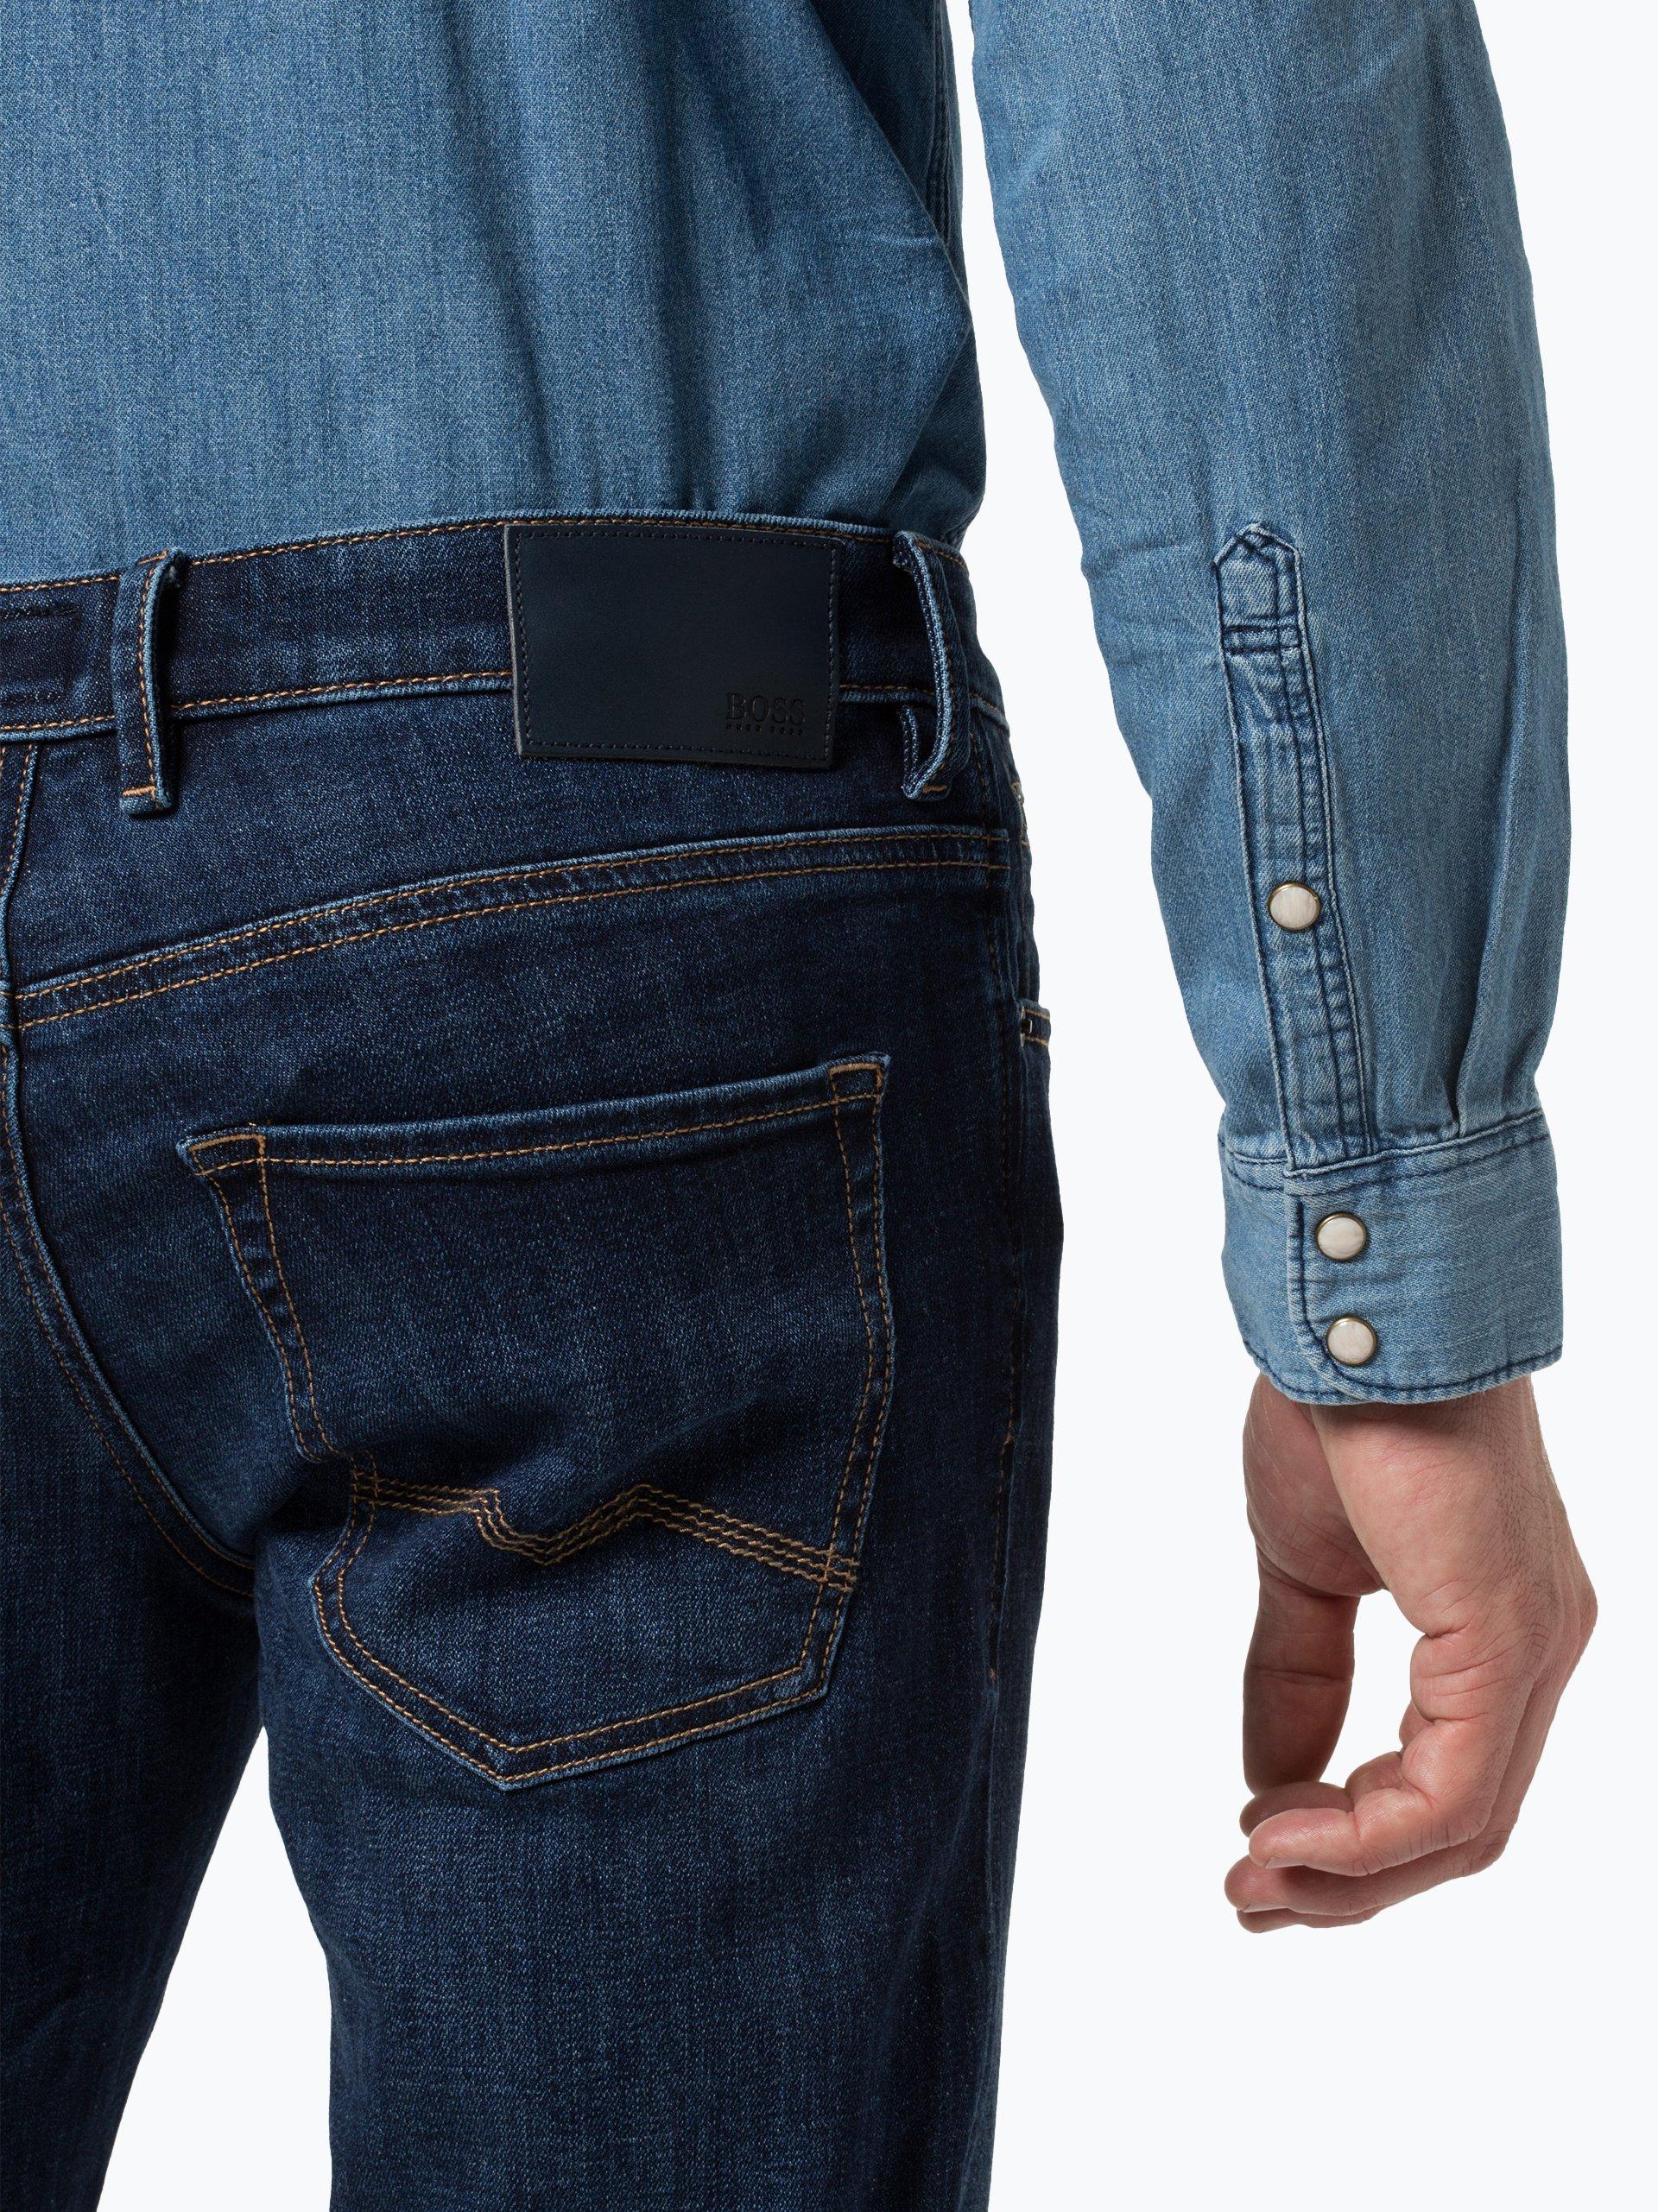 boss orange herren jeans orange24 denim uni online kaufen peek und cloppenburg de. Black Bedroom Furniture Sets. Home Design Ideas